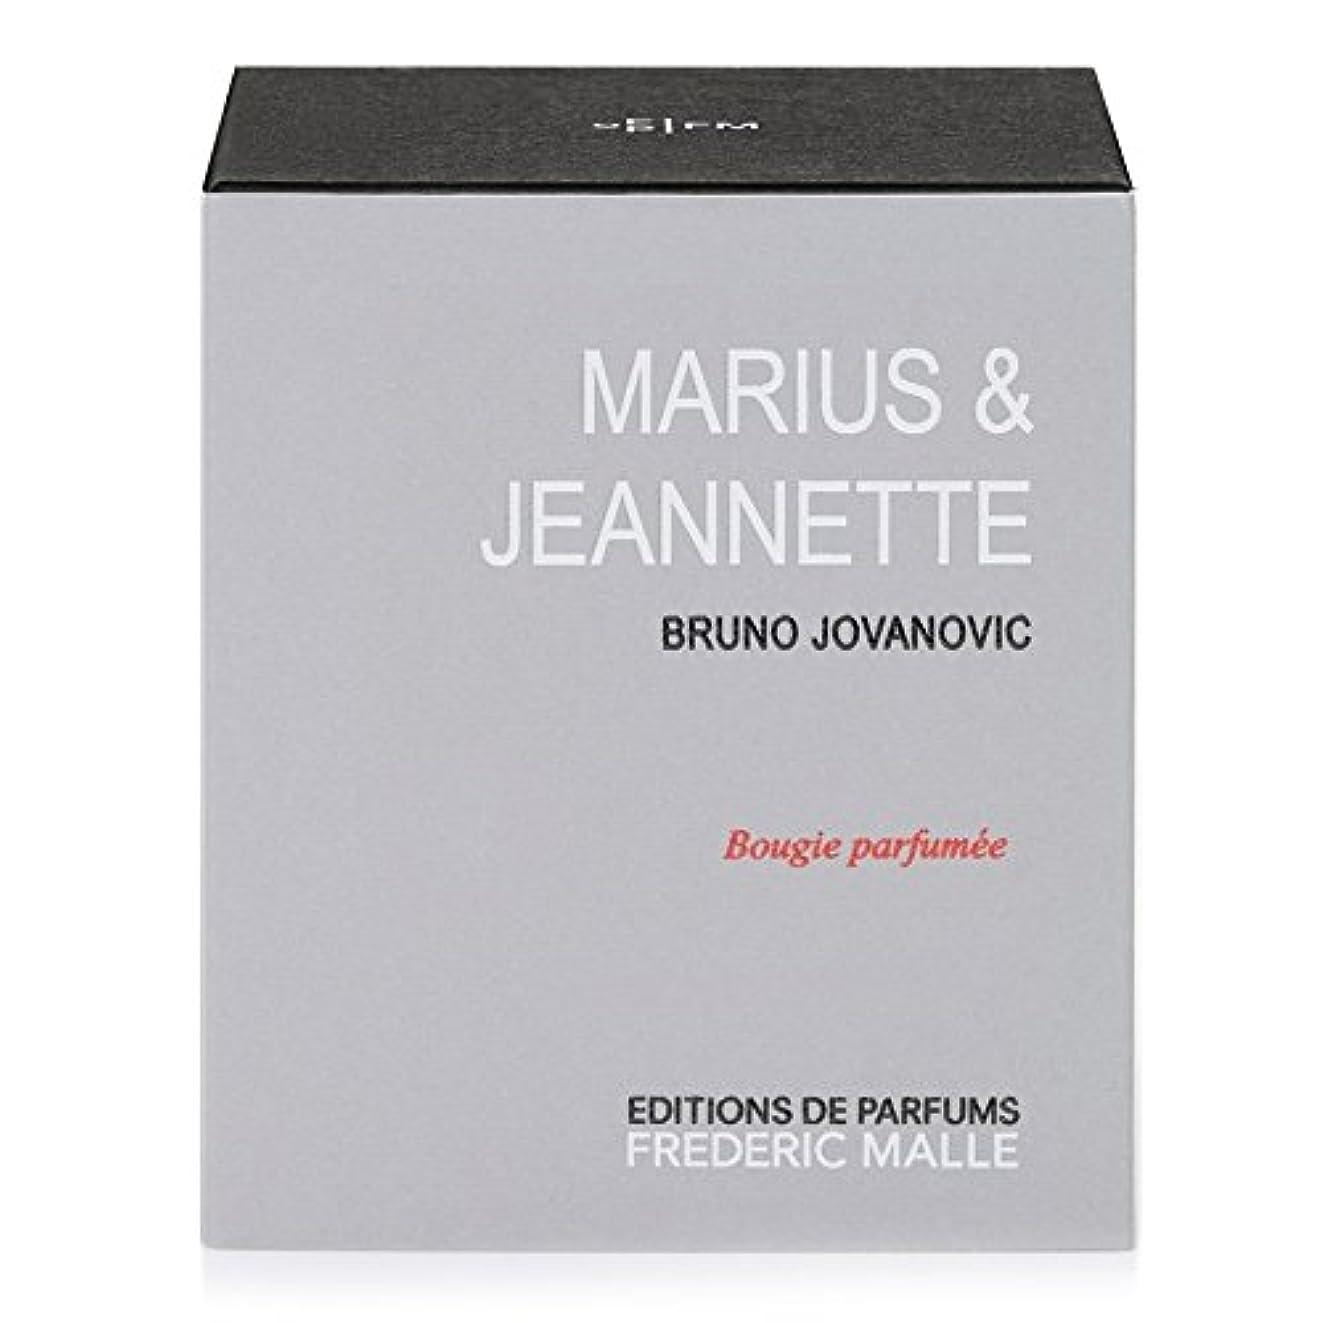 ボンド金曜日オプショナルFrederic Malle Maruis and Jeanette Scented Candle (Pack of 4) - フレデリック?マル とジャネット?香りのキャンドル x4 [並行輸入品]